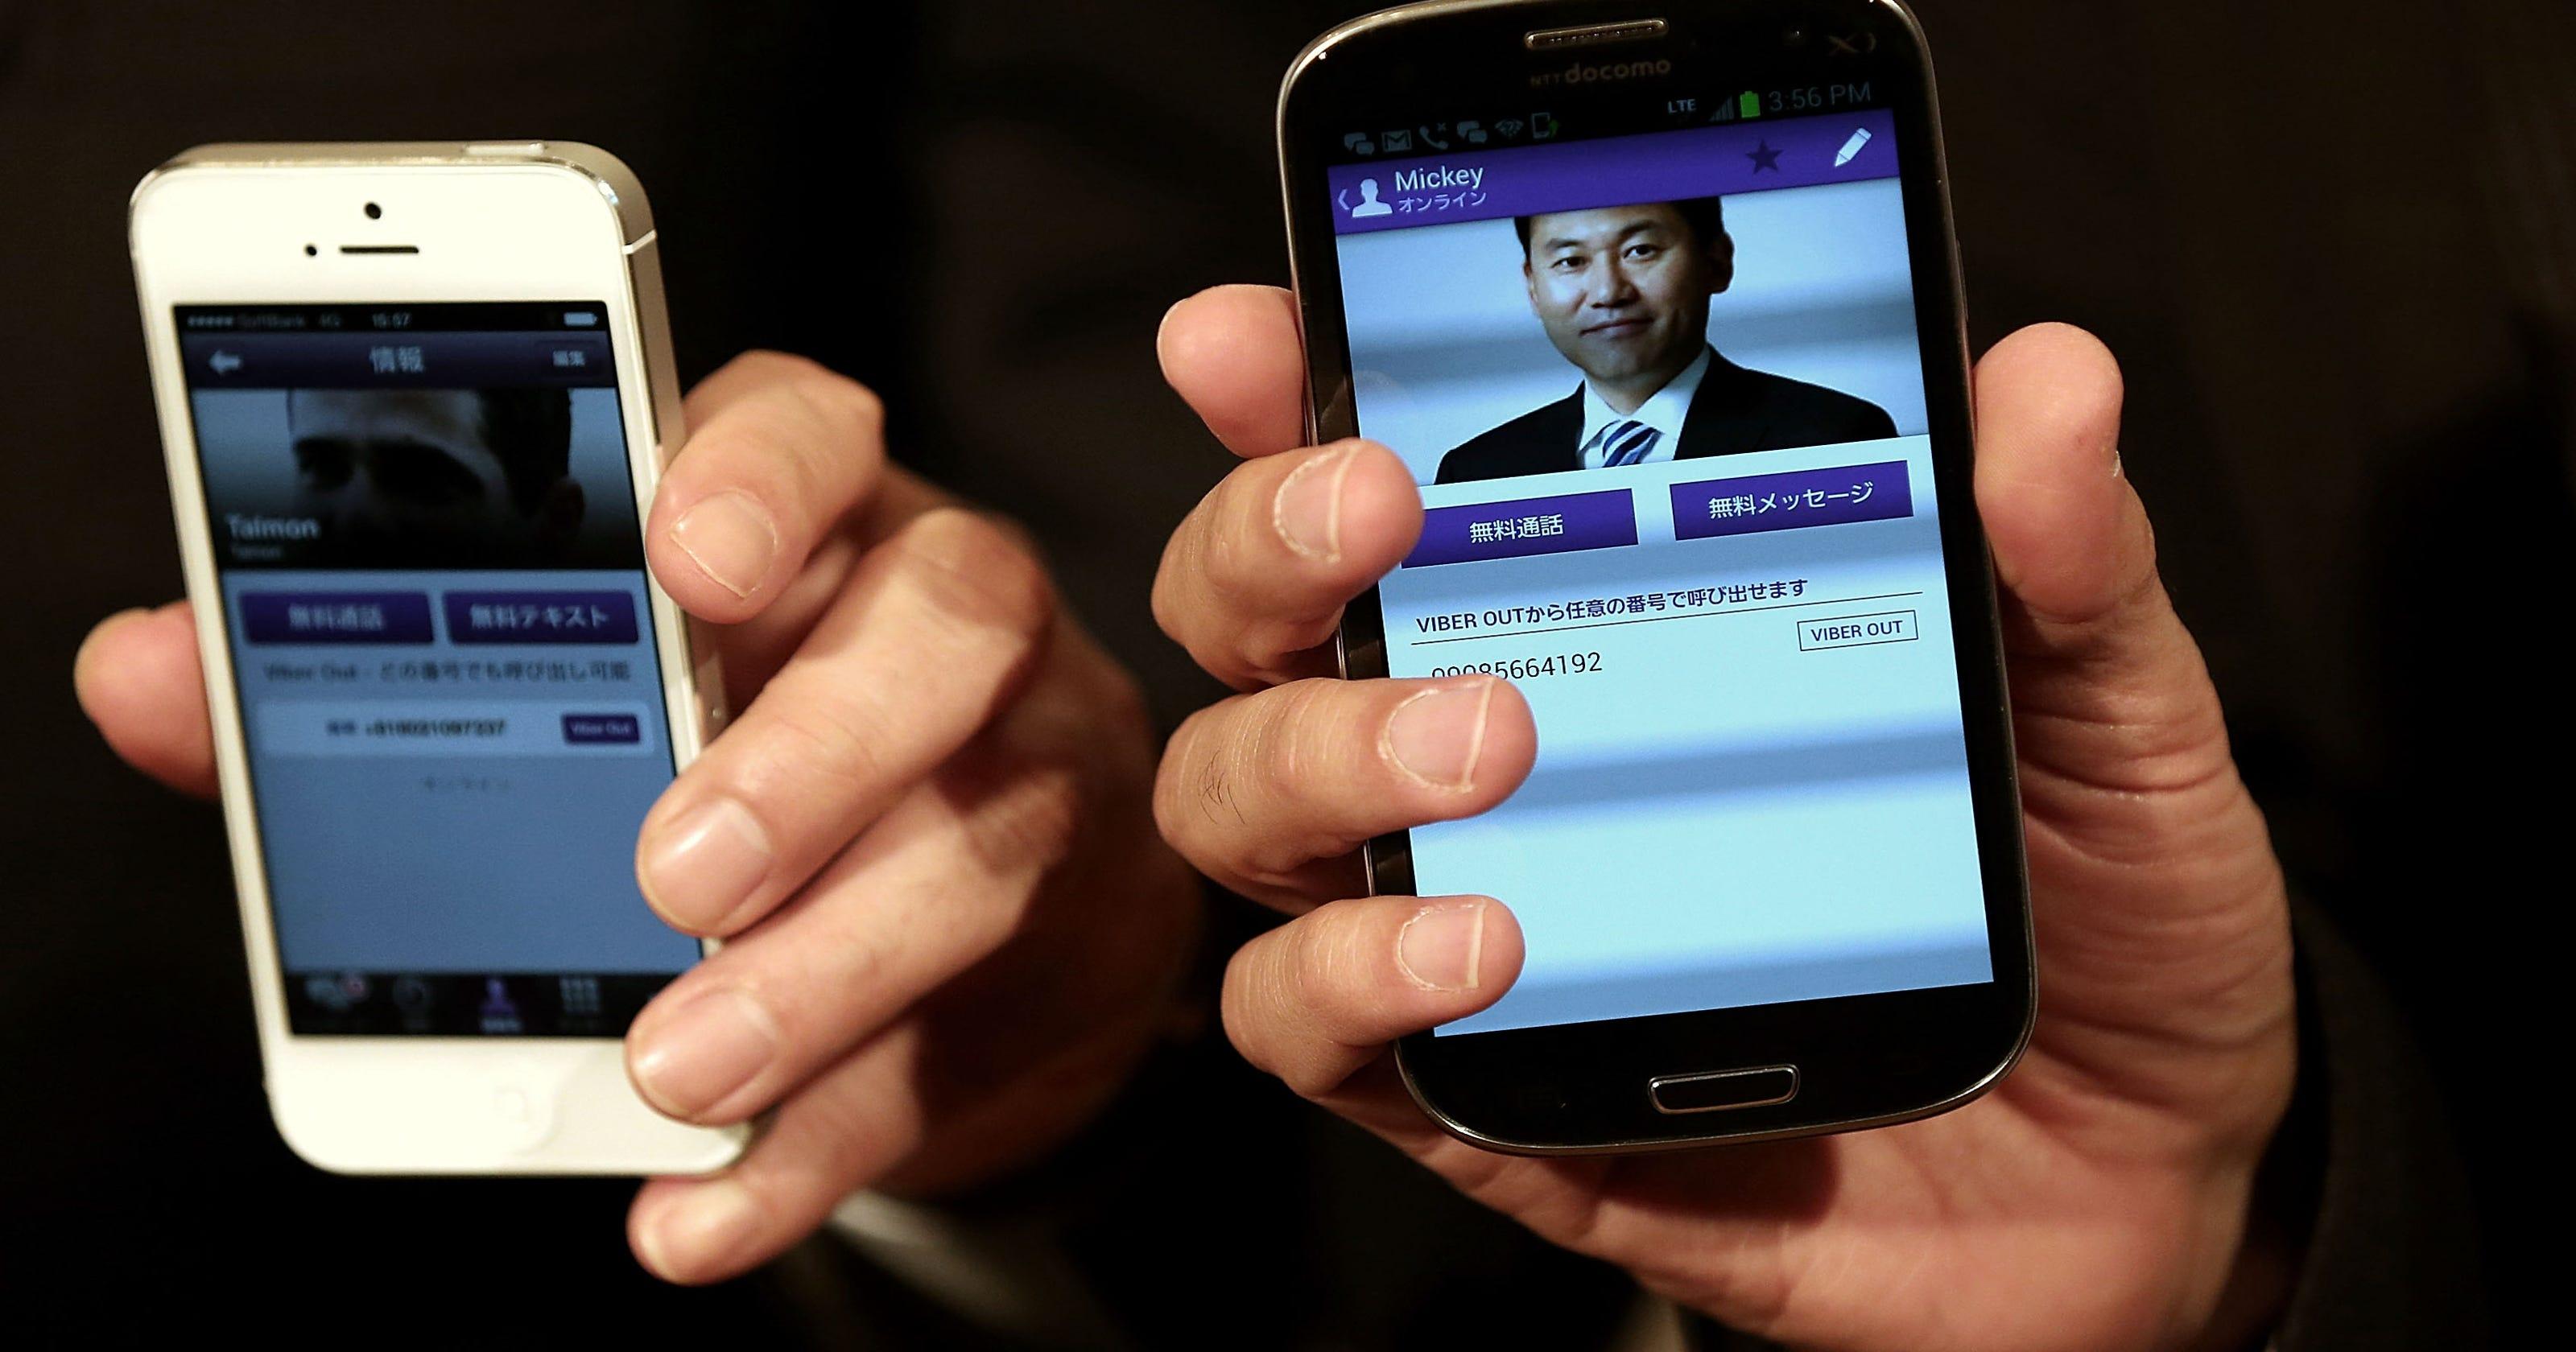 Japanese e-retailer Rakuten to buy phone app Viber for $900M